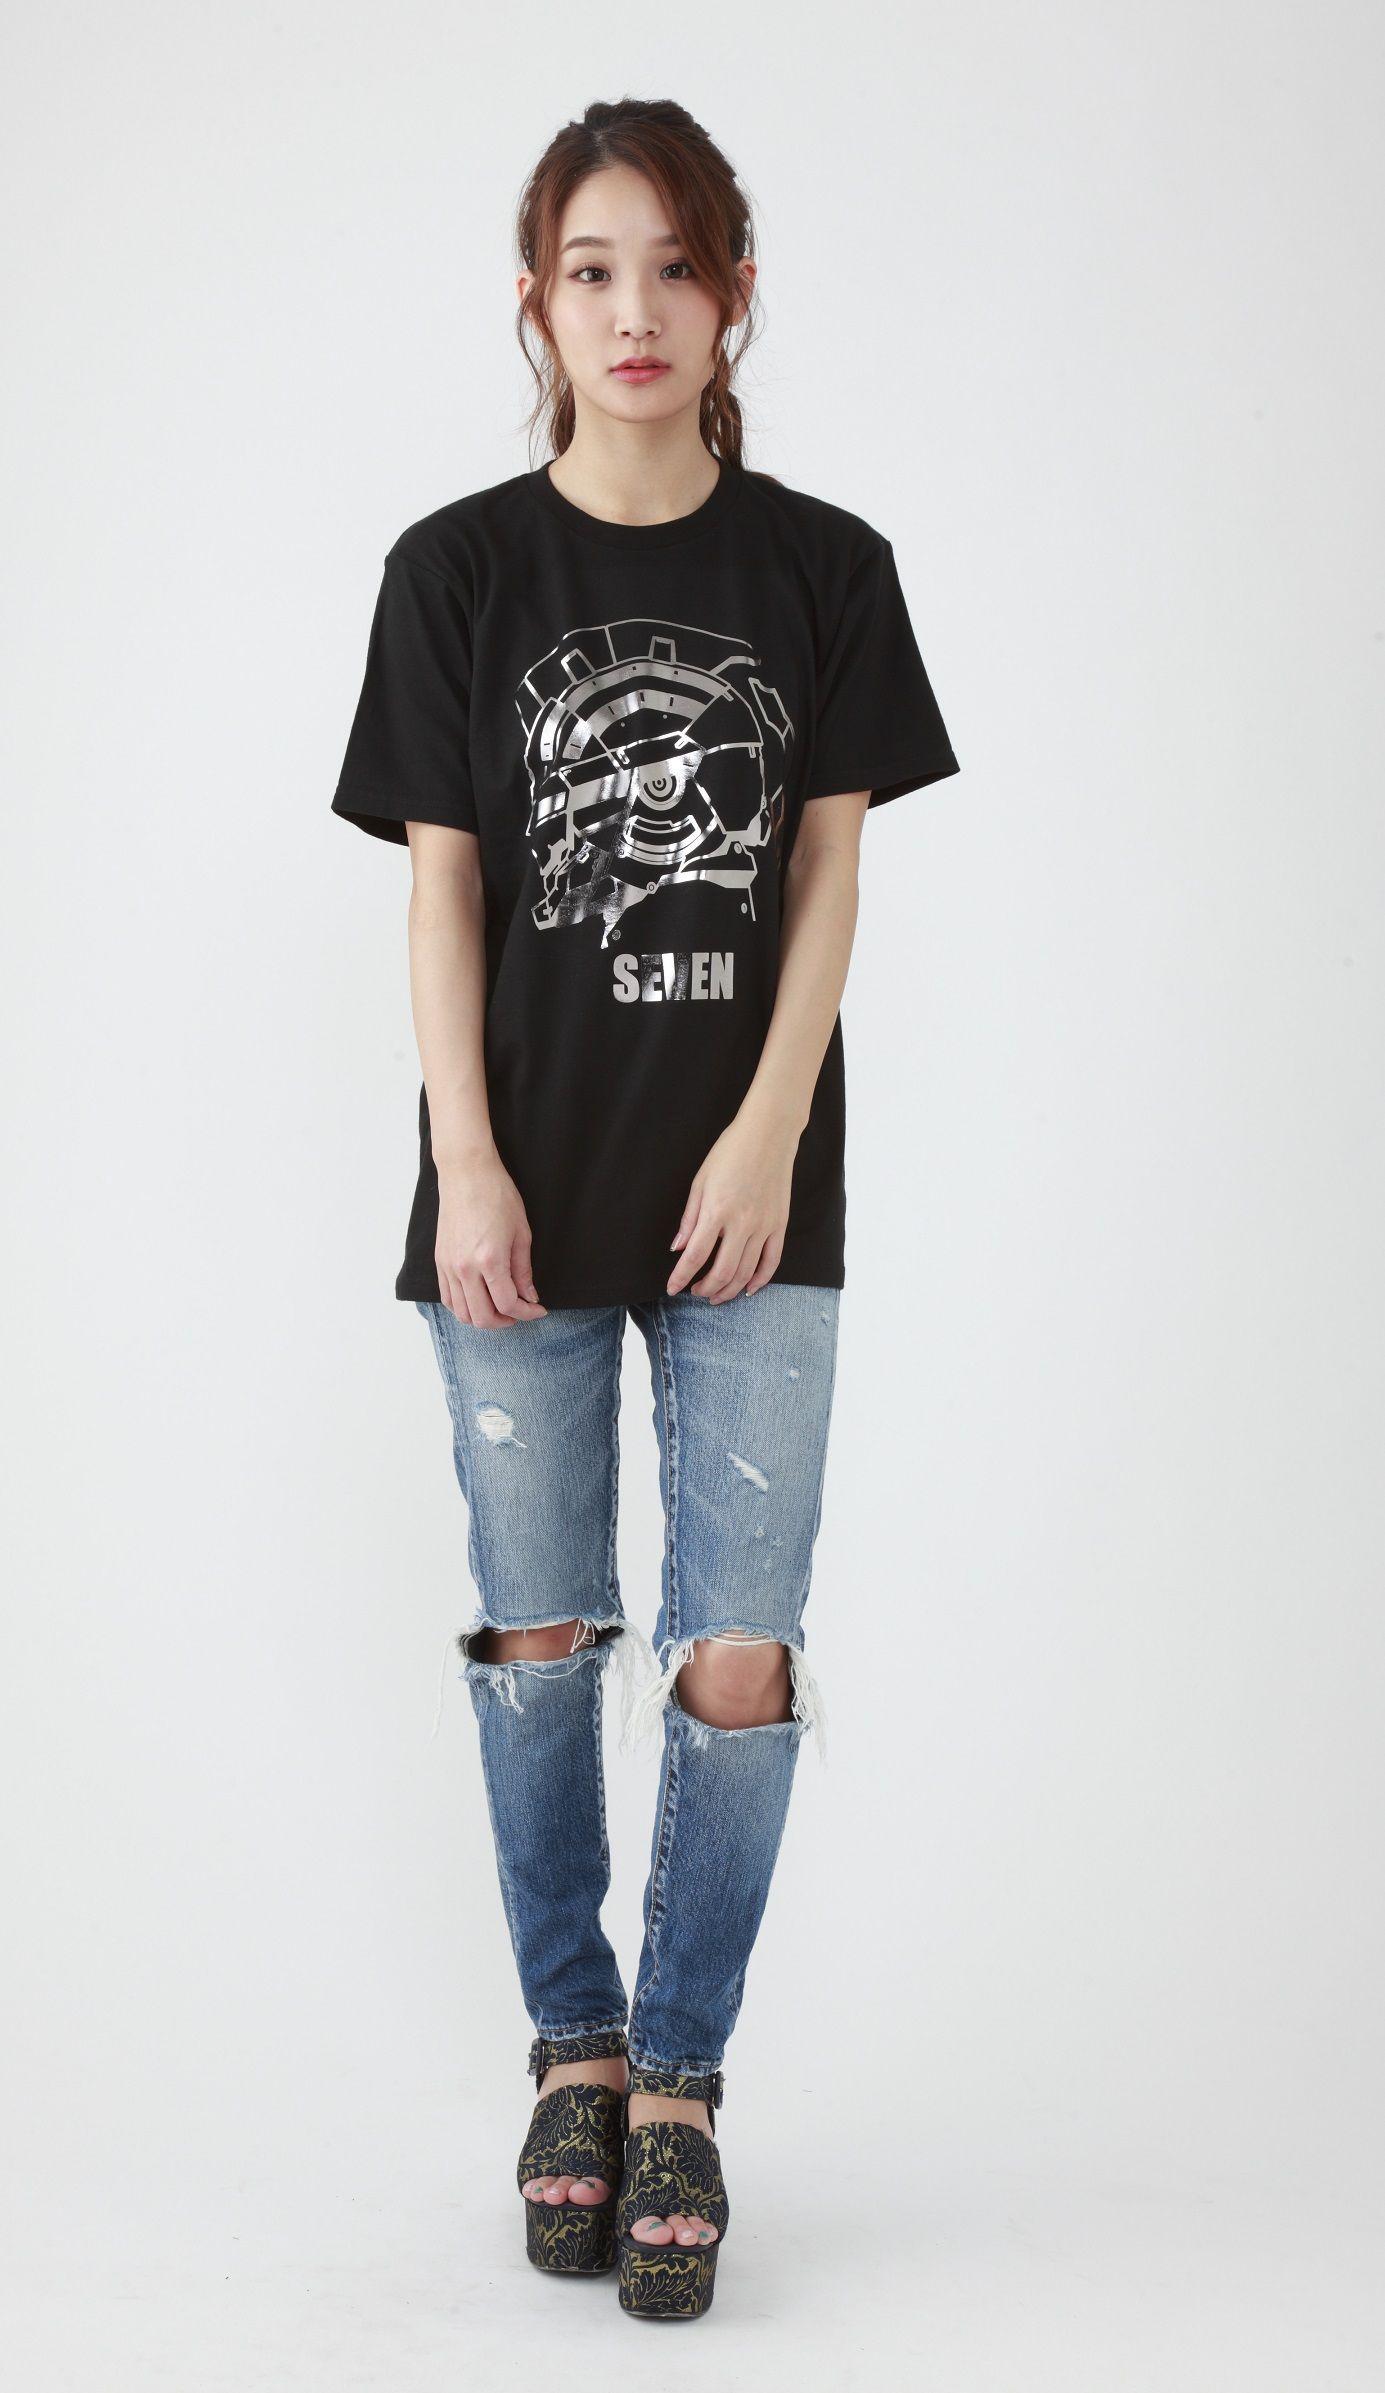 ULTRAMAN T-shirt - Seven ver.